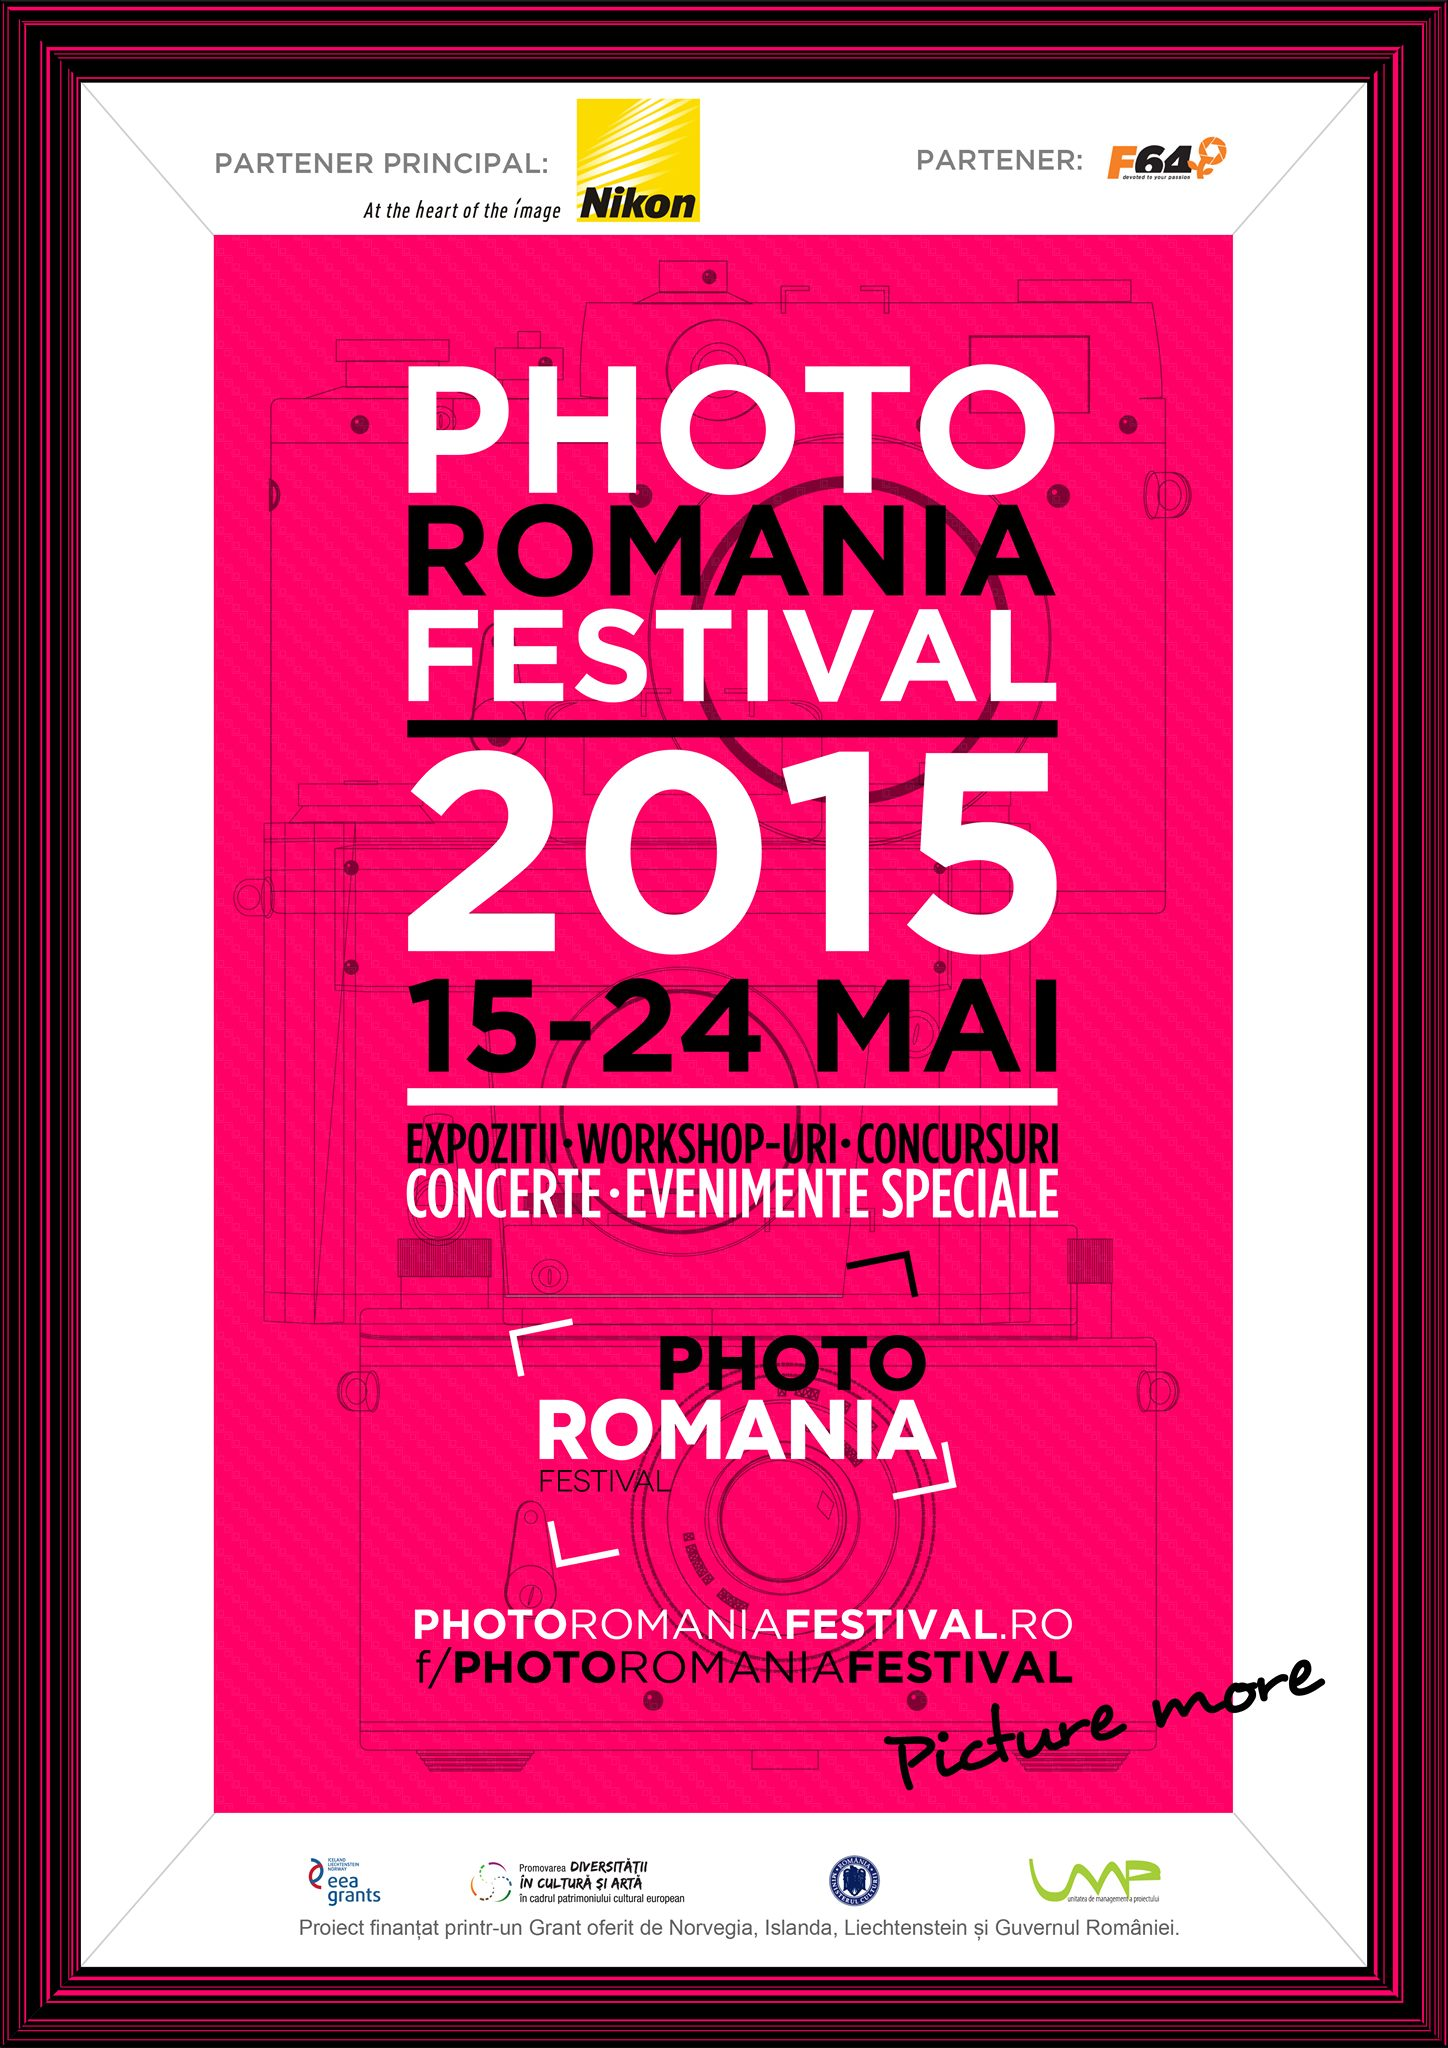 Poster Photo Romania Festival 2015